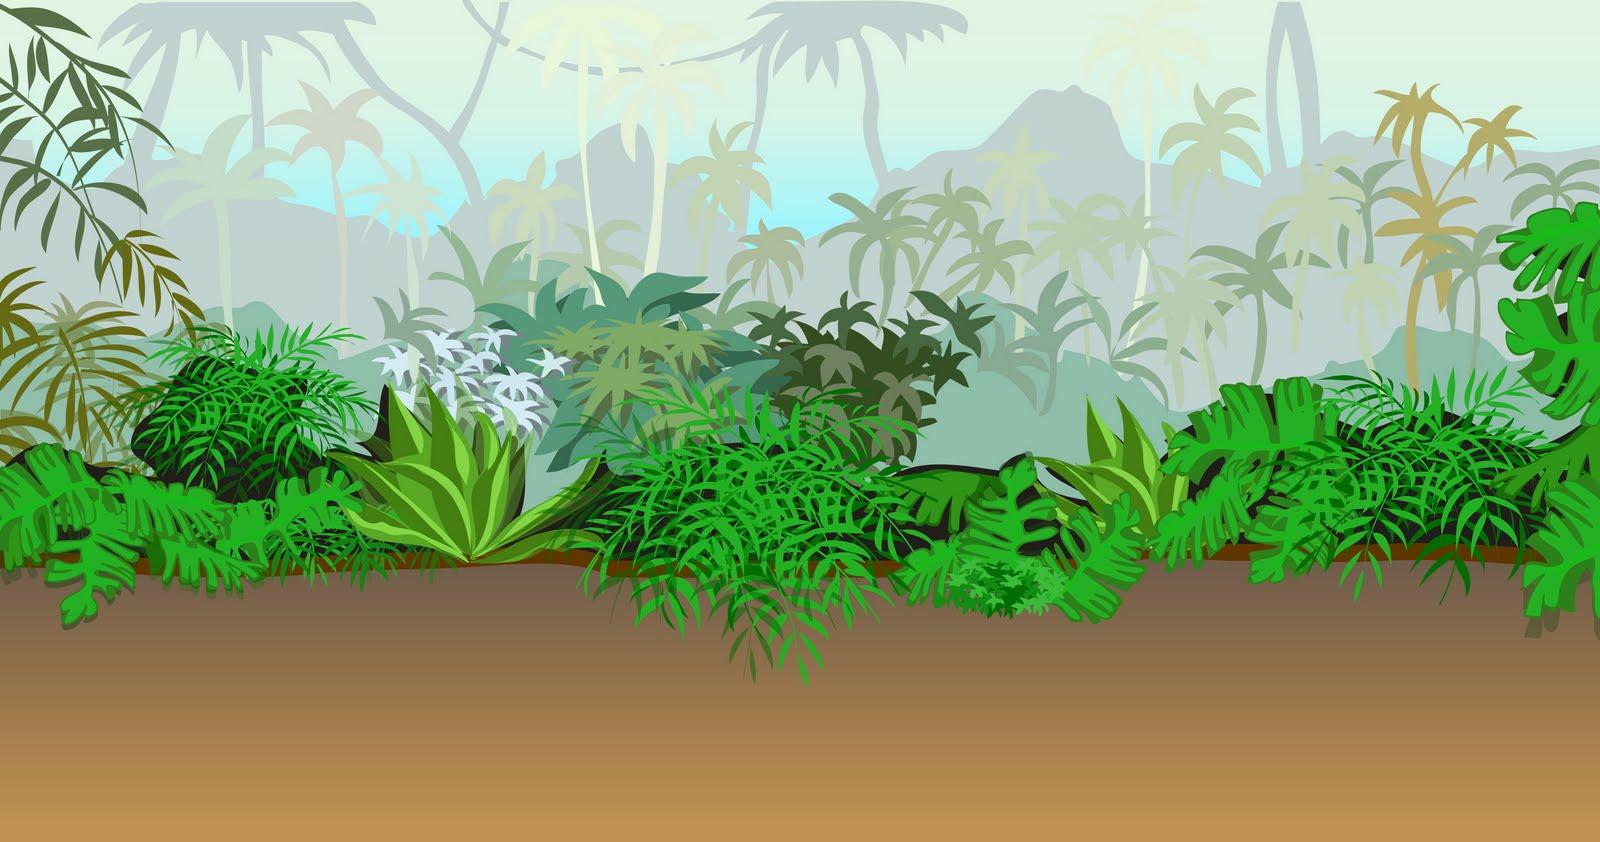 тропический лес картинка на прозрачном фоне подарочно-цветочного настроения